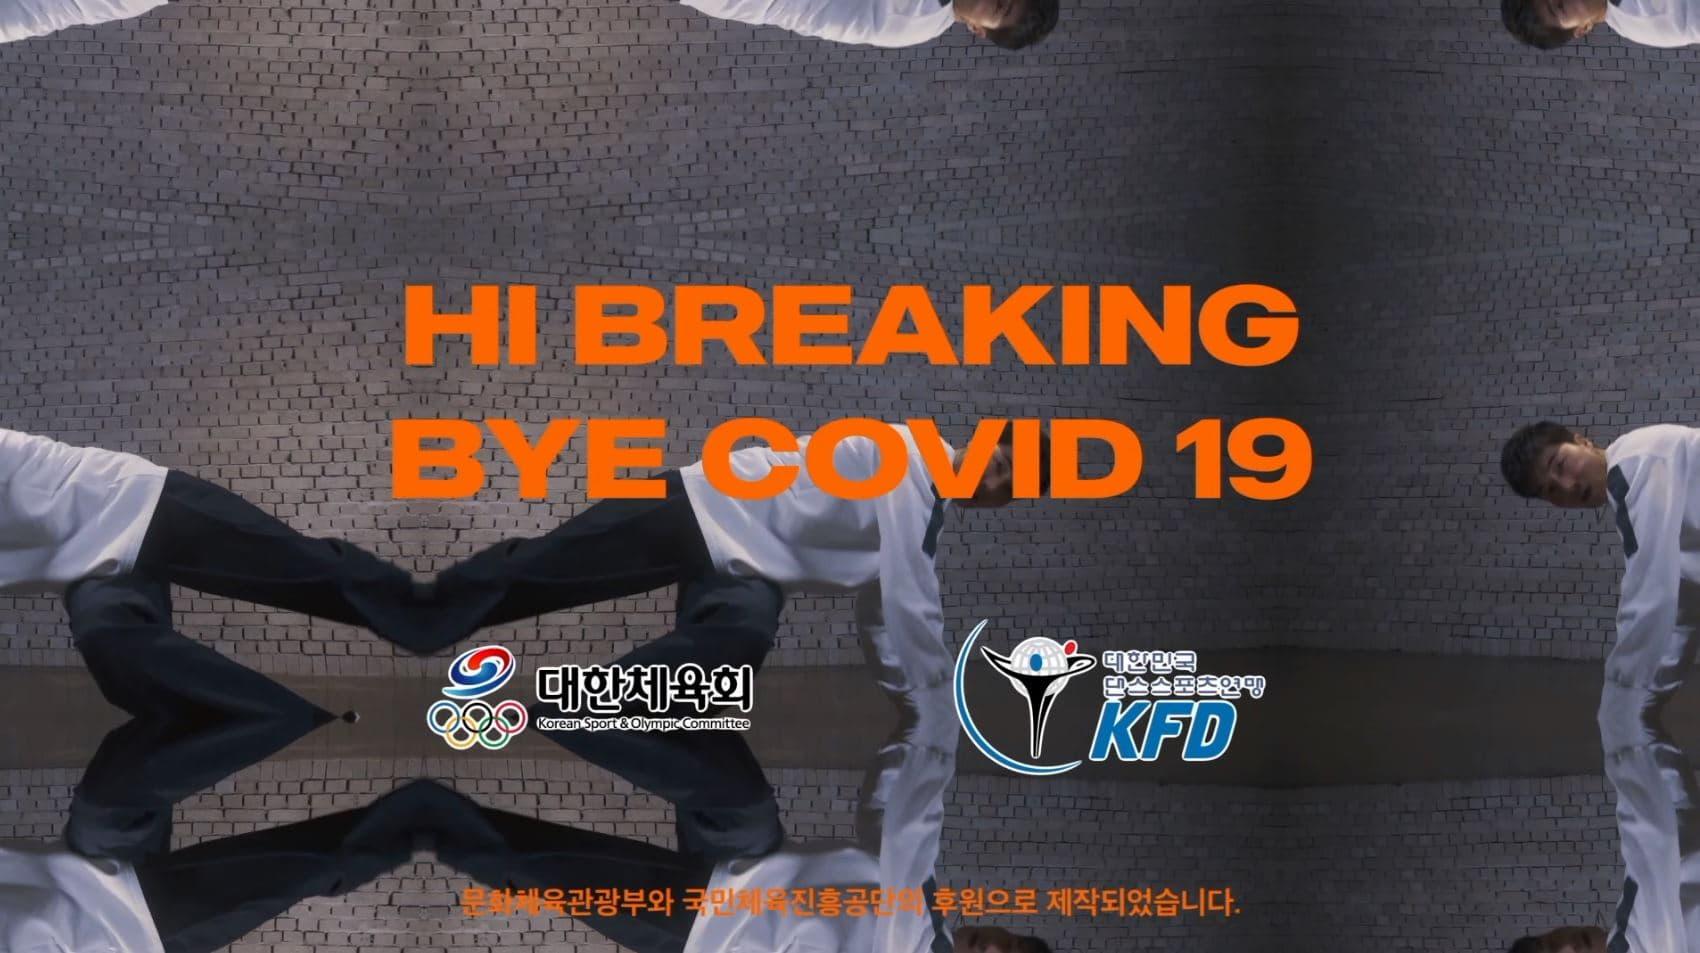 하이 브레이킹 바이 코로나-19 파트1 HI BREAKING BYE COVID-19